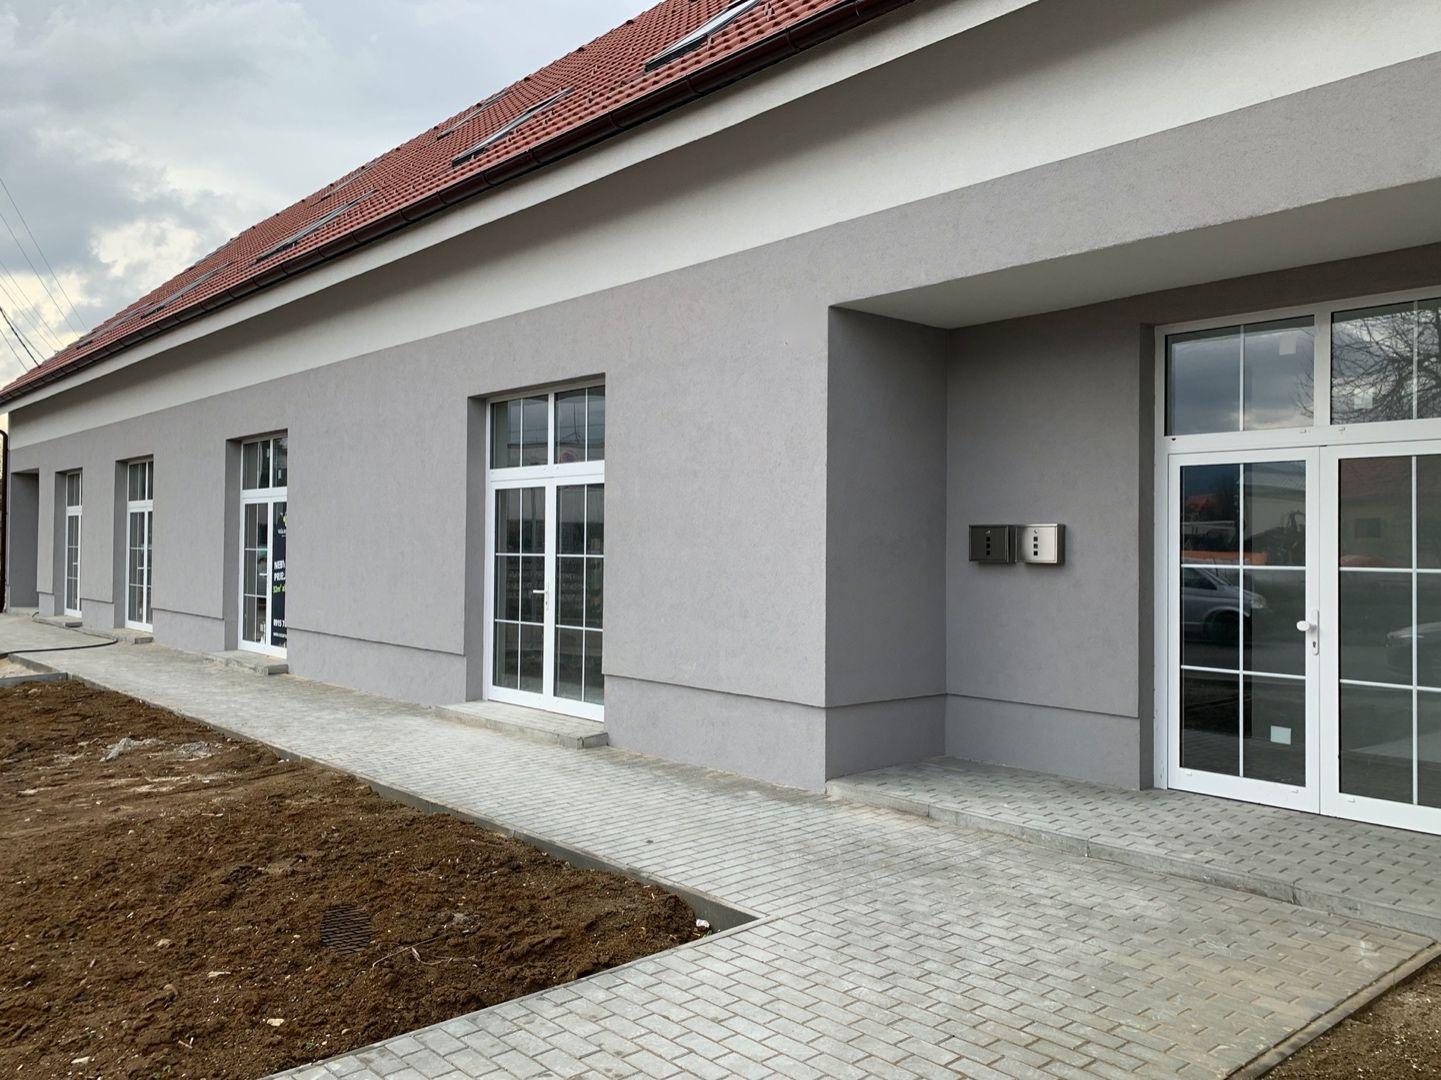 Reštaurácia-Predaj-Prievidza-139000.00 €